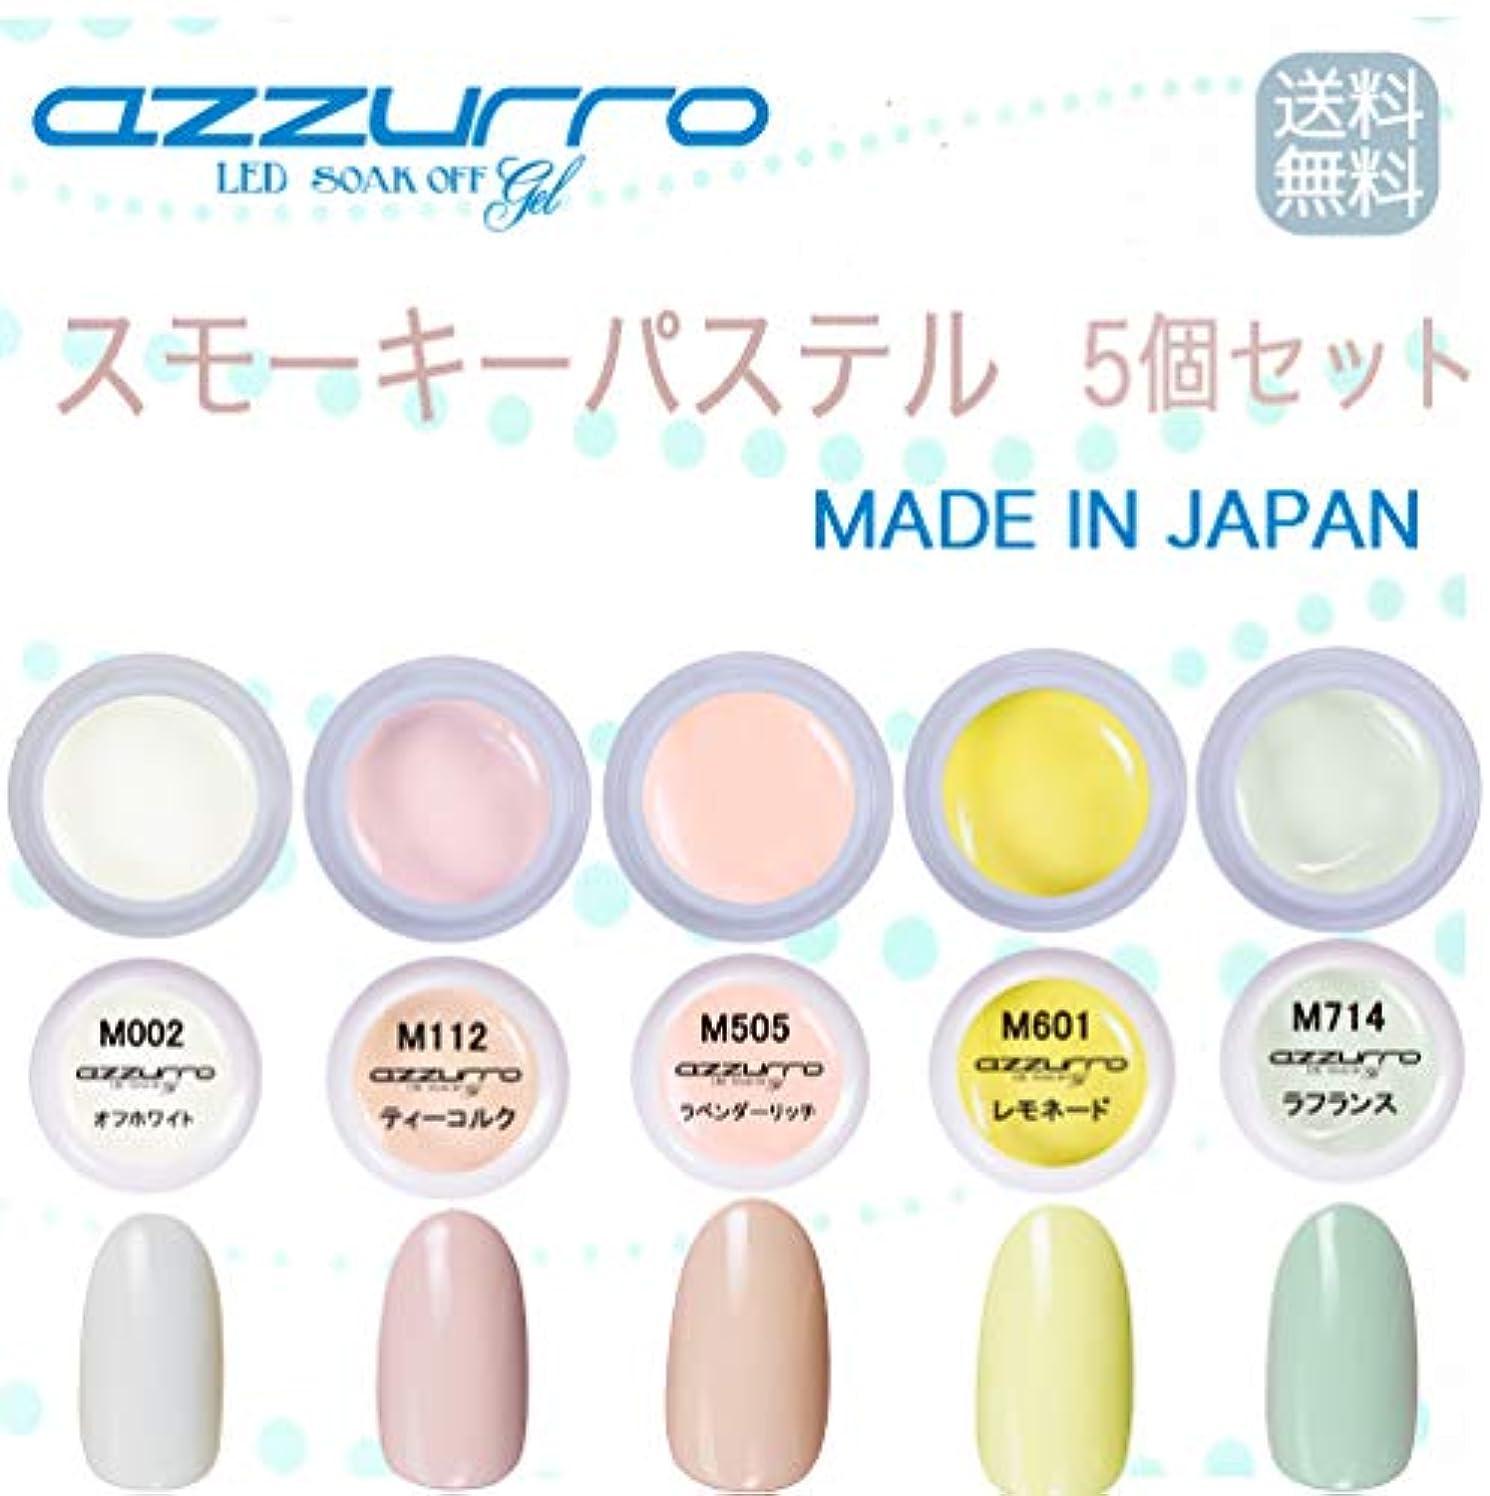 相対サイズ効能潮【送料無料】日本製 azzurro gel スモーキーパステルカラージェル5個セット オフィスでも人気のカラーをセット